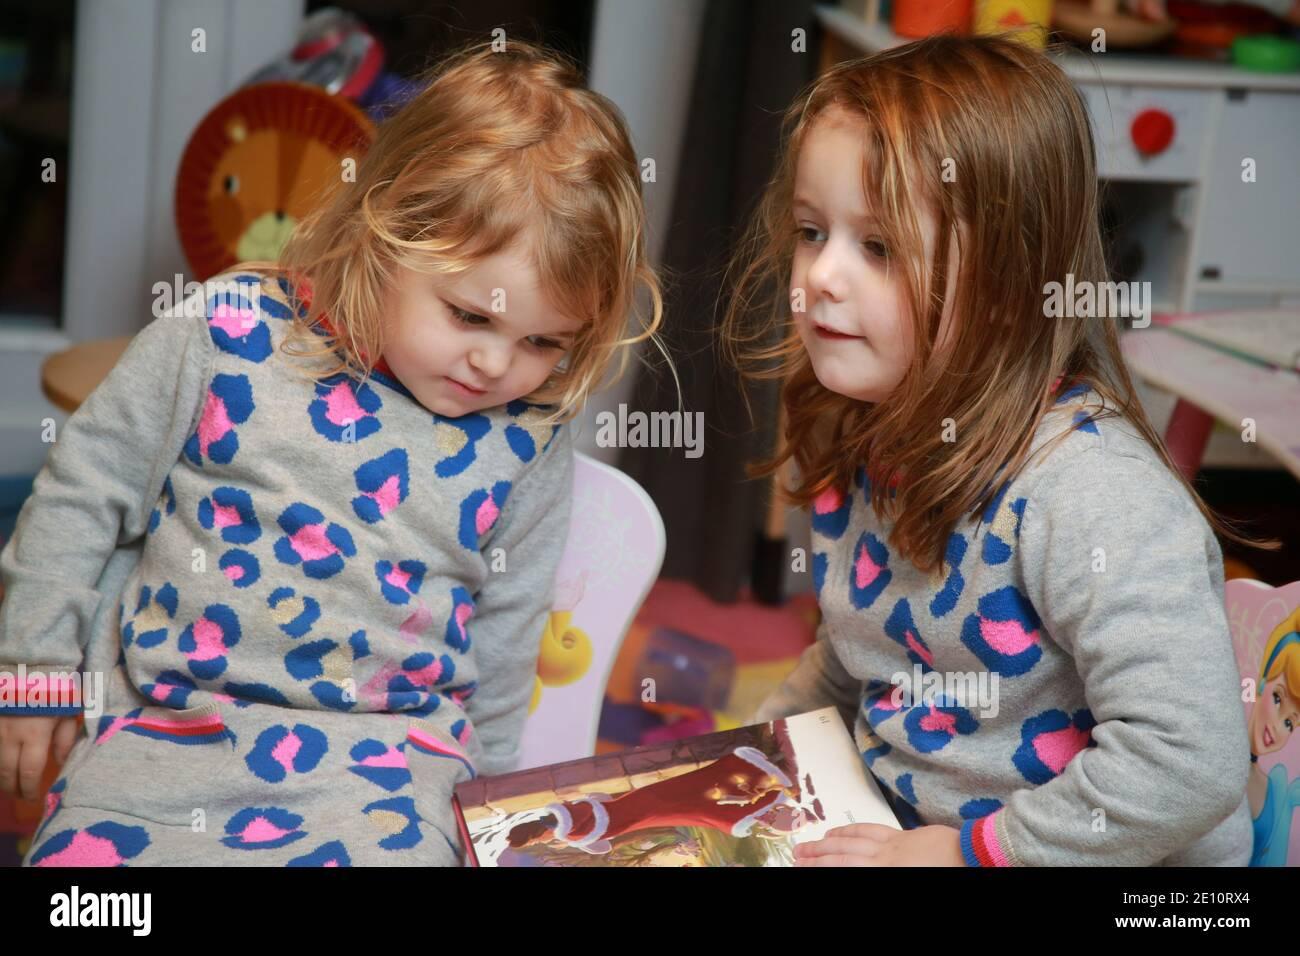 Une fille de 4 ans lisant un livre à sa petite sœur. Banque D'Images